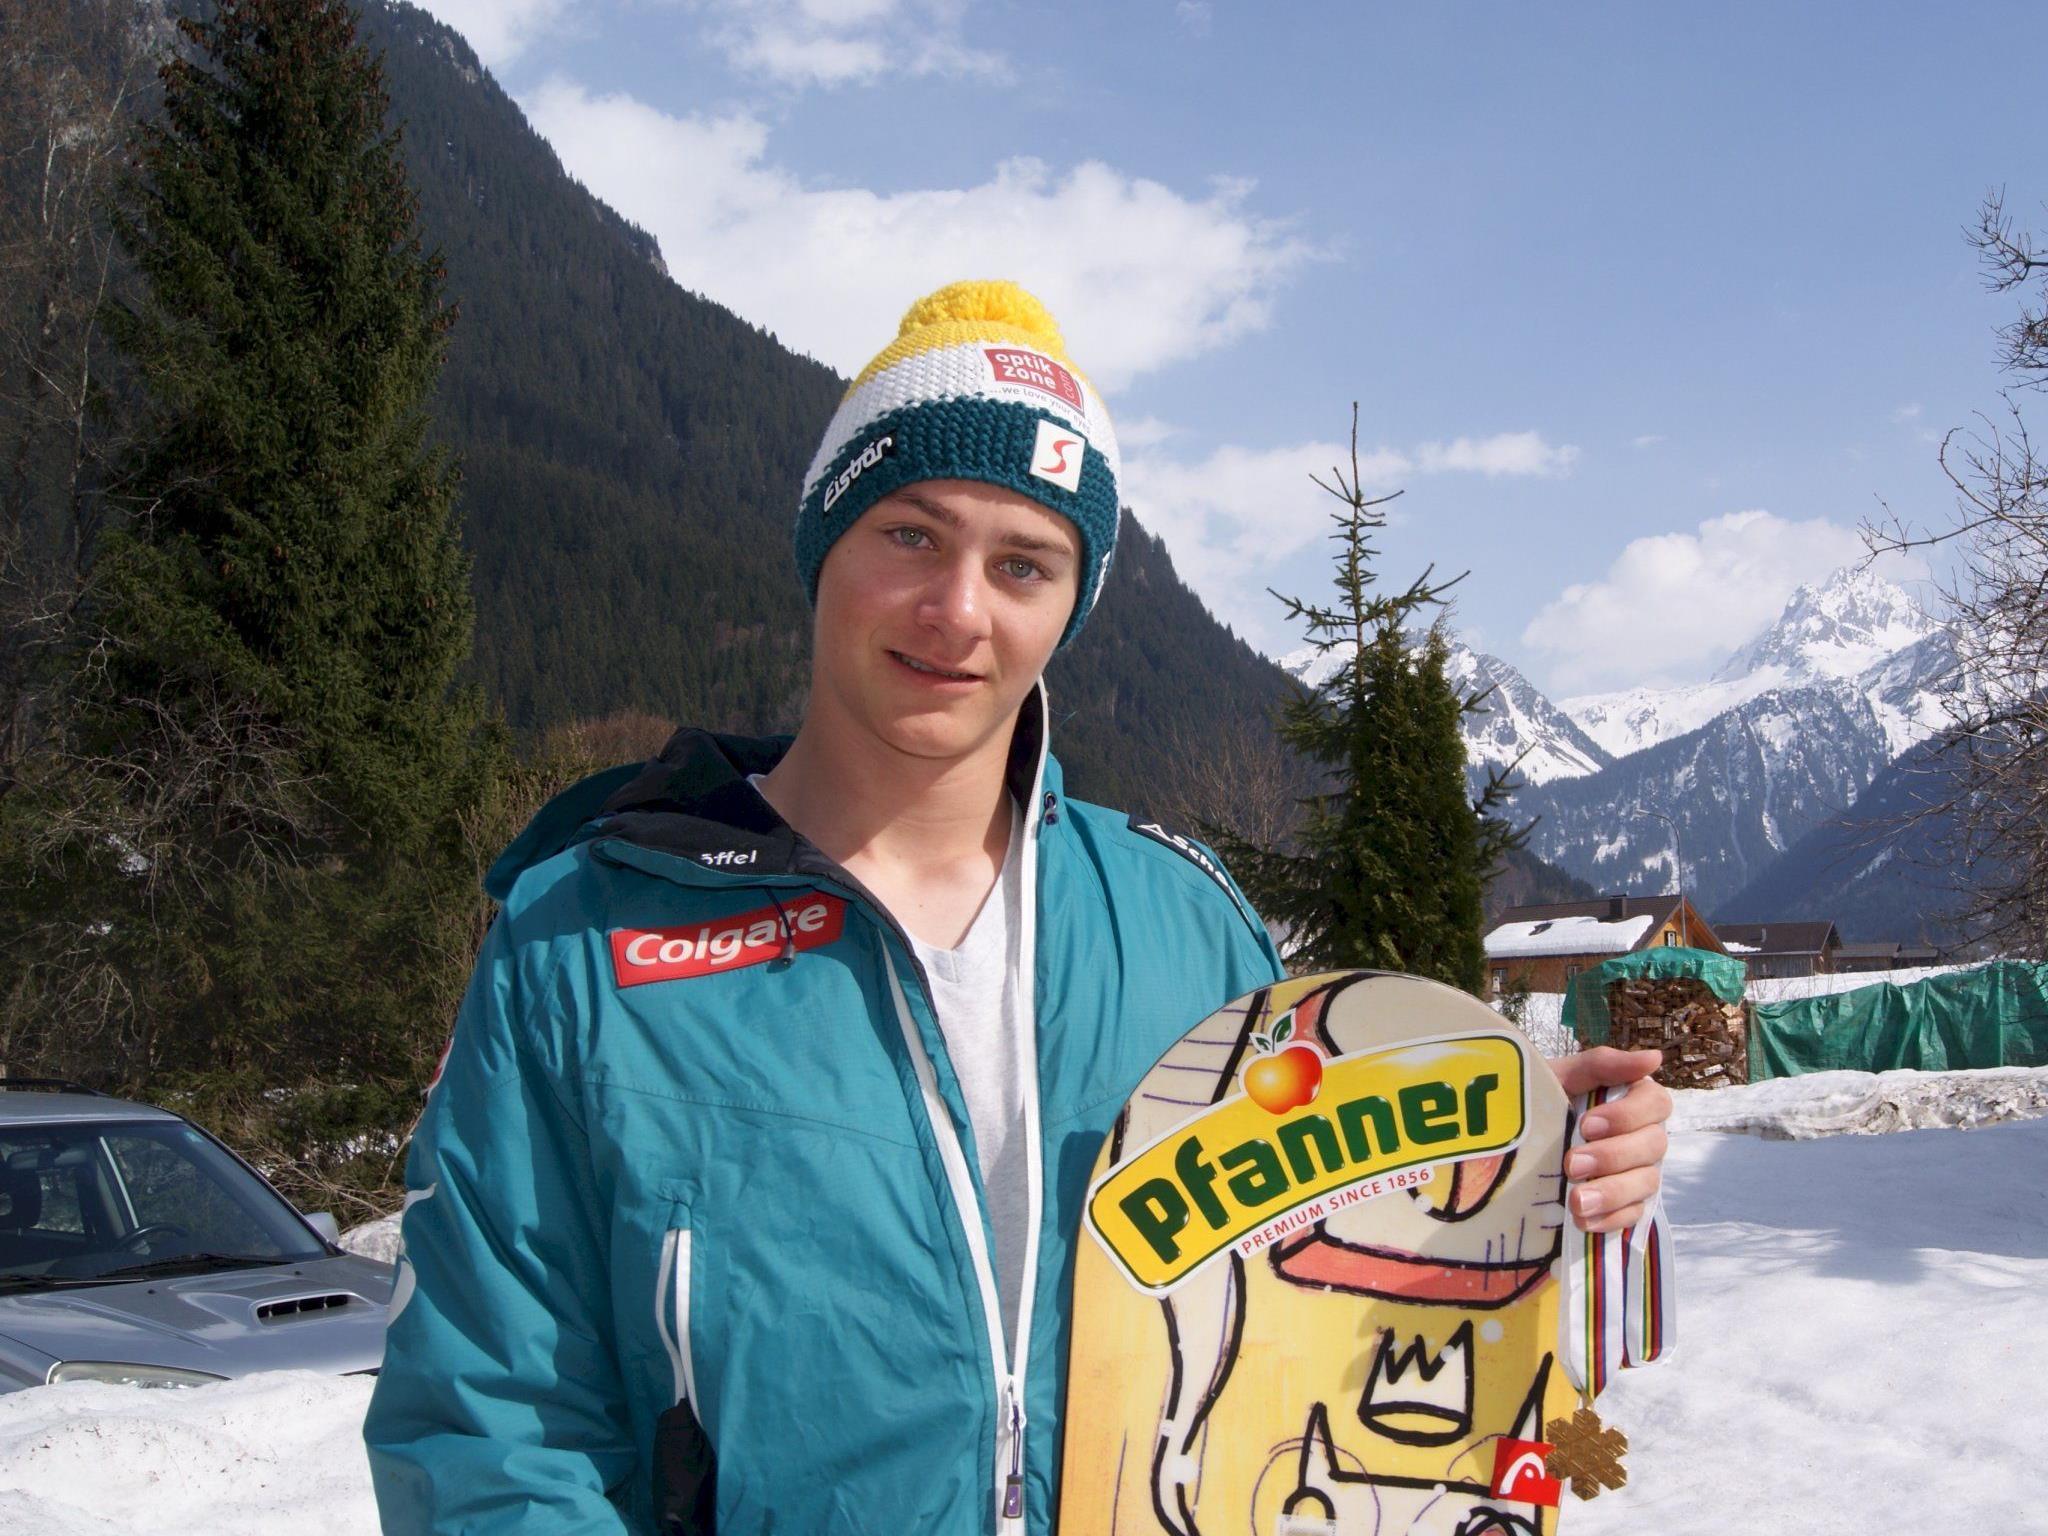 Der frischgebackene Junioren Weltmeister Alessandro Hämmerle.